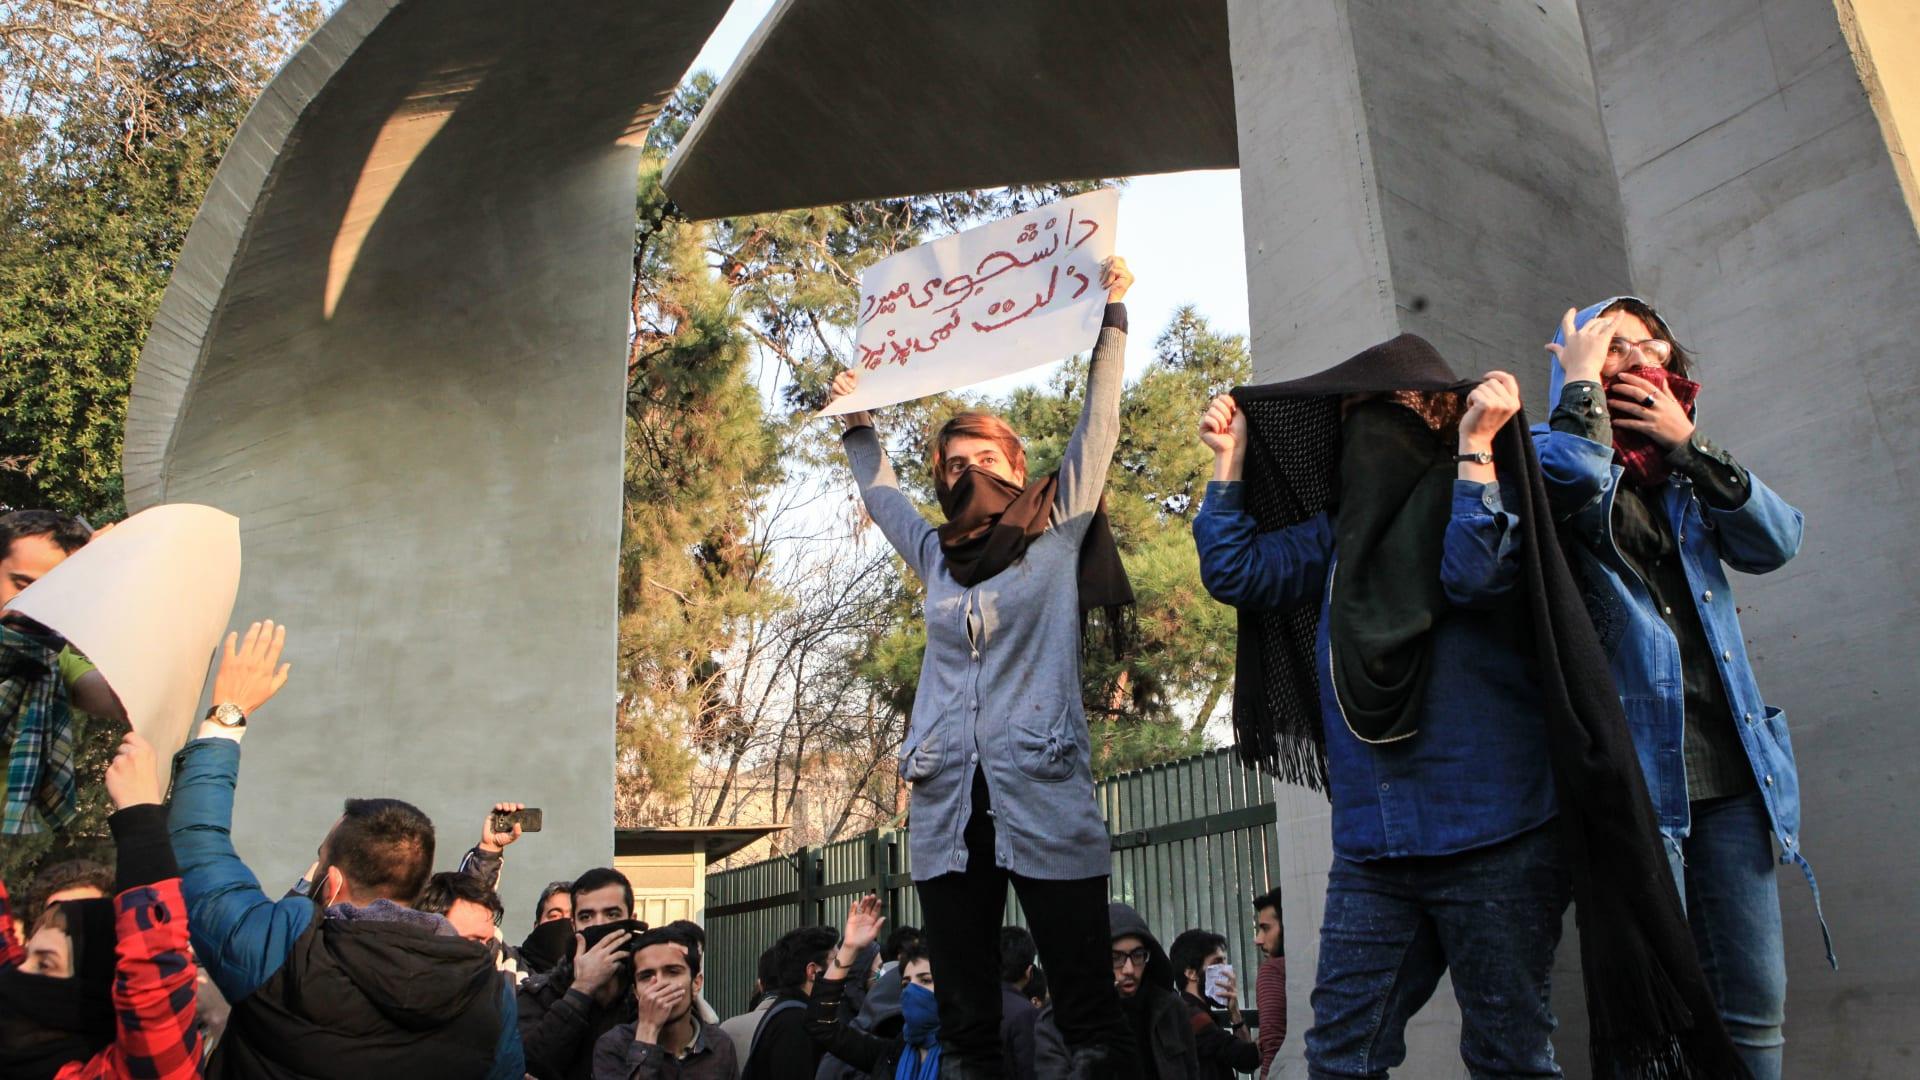 رأي: إيران 2019 ستشهد استمرار الاحتجاجات المتفرقة ومطالب التغيير